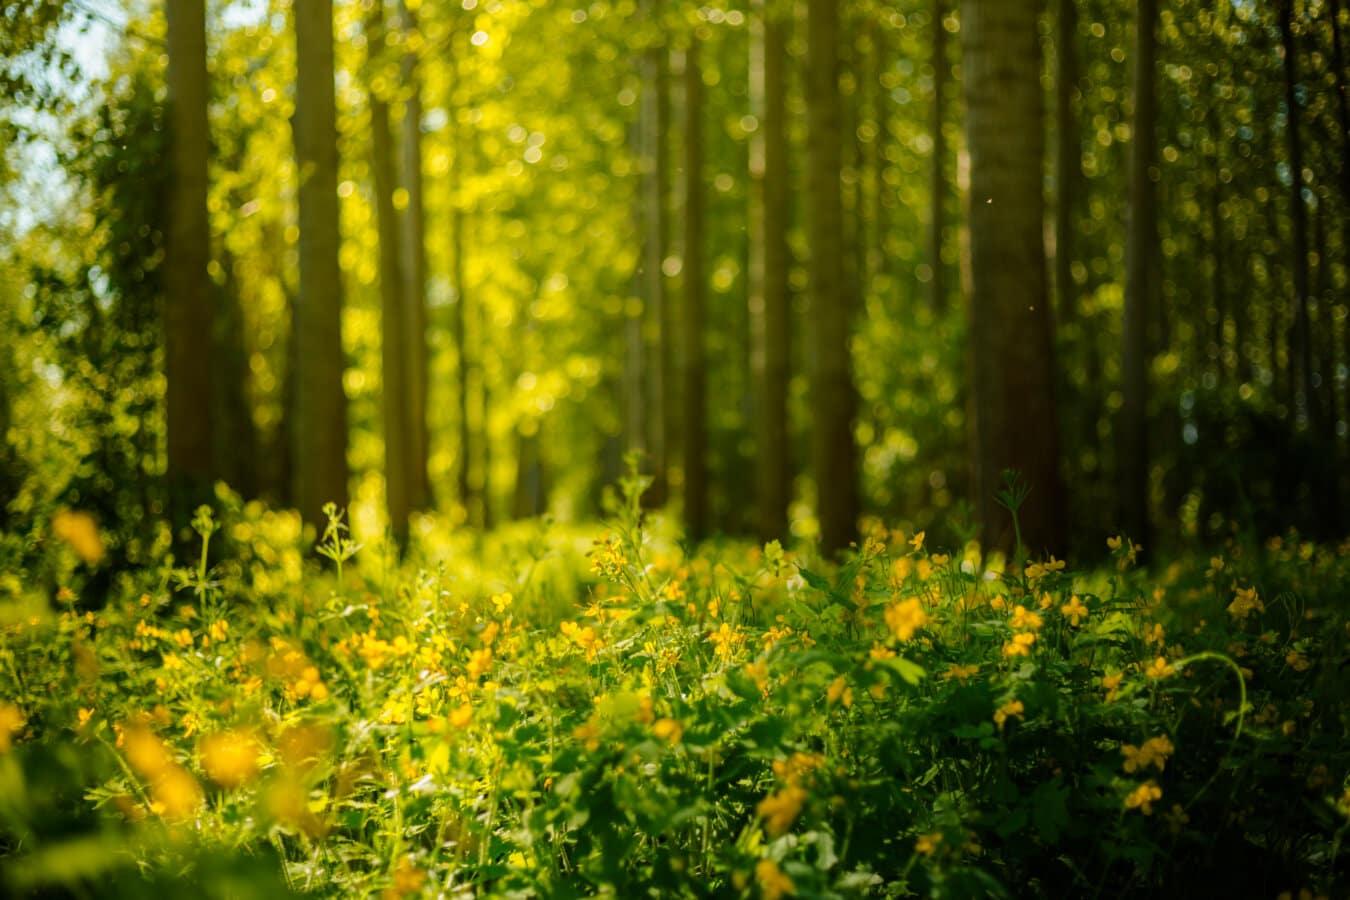 sonnig, Sonnenlicht, Grün, Wald, Kraut, gelb, Feld, des ländlichen Raums, Anlage, Frühling